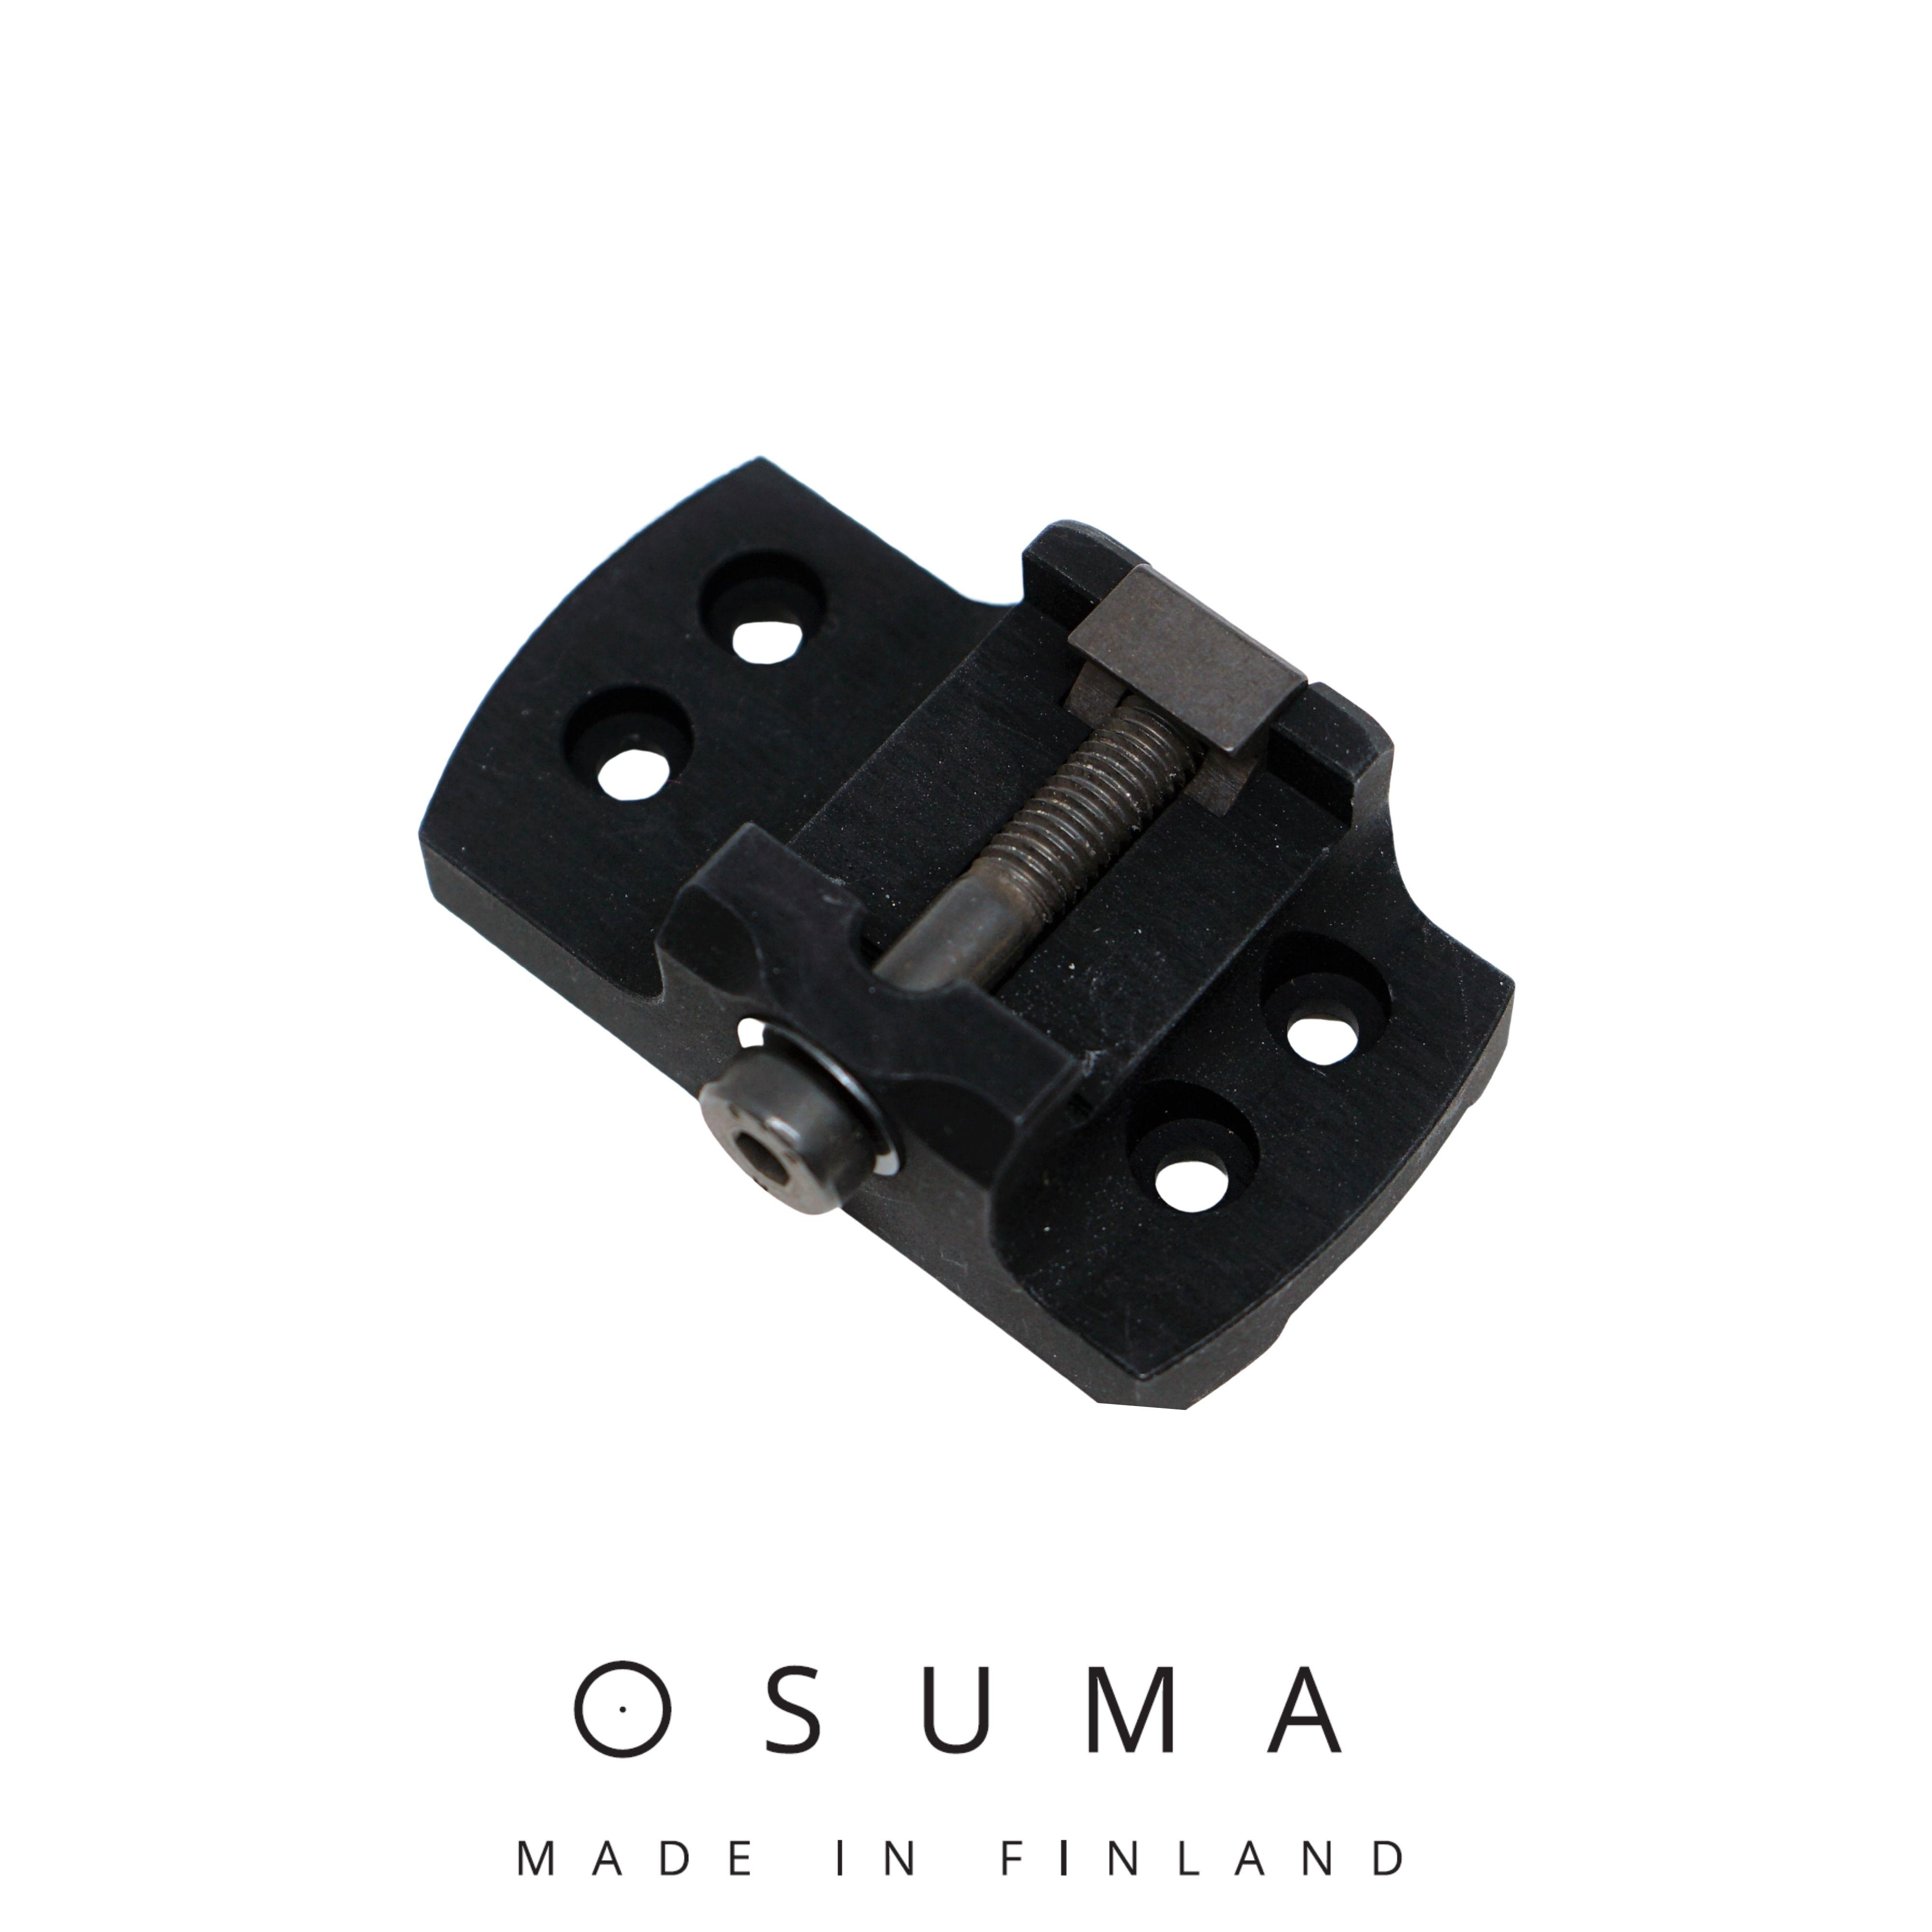 Osuma Aimpoint Micro jalusta Picatinny